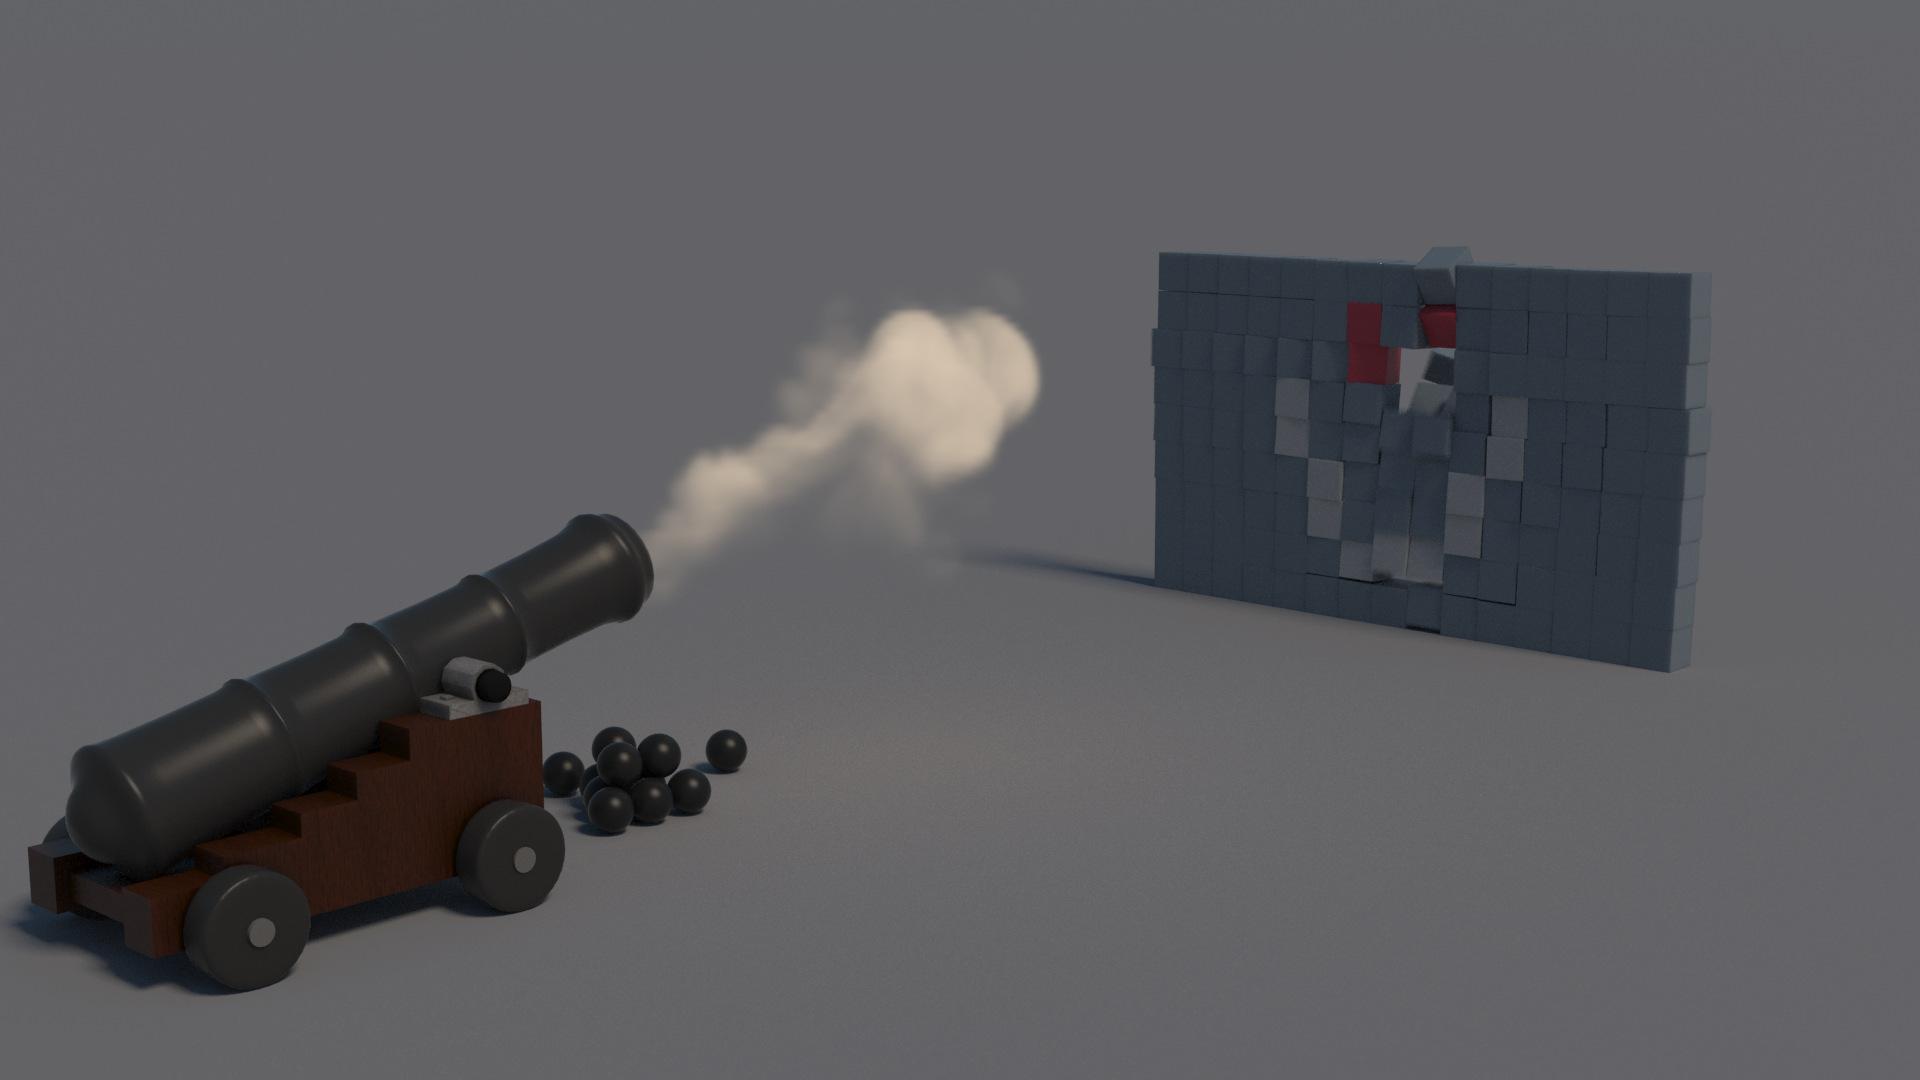 MassFX: objetos cinemáticos